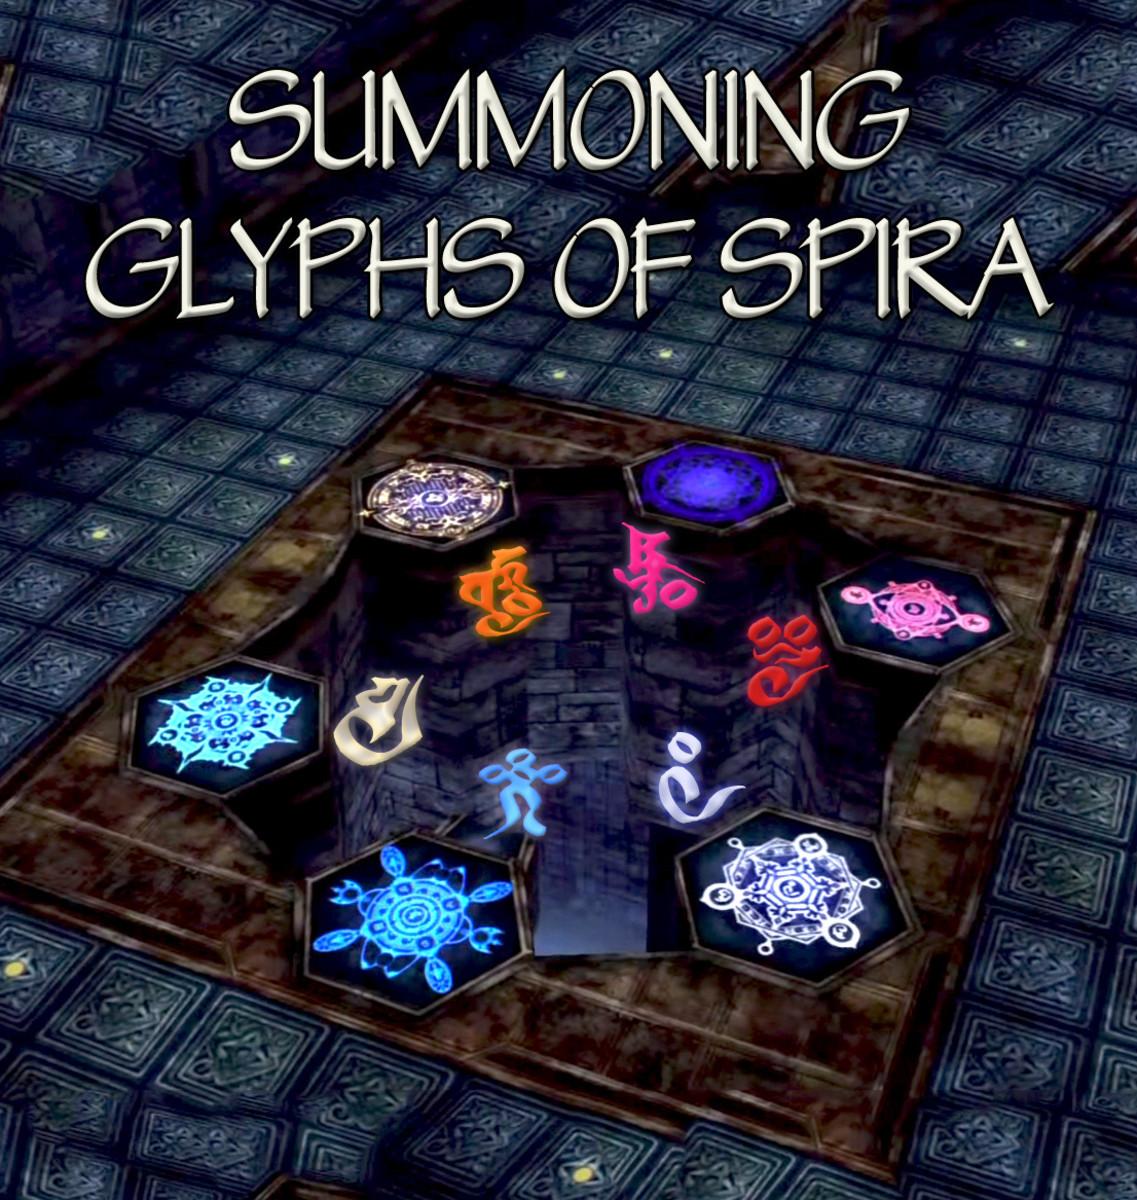 Final Fantasy X Symbols & Glyphs